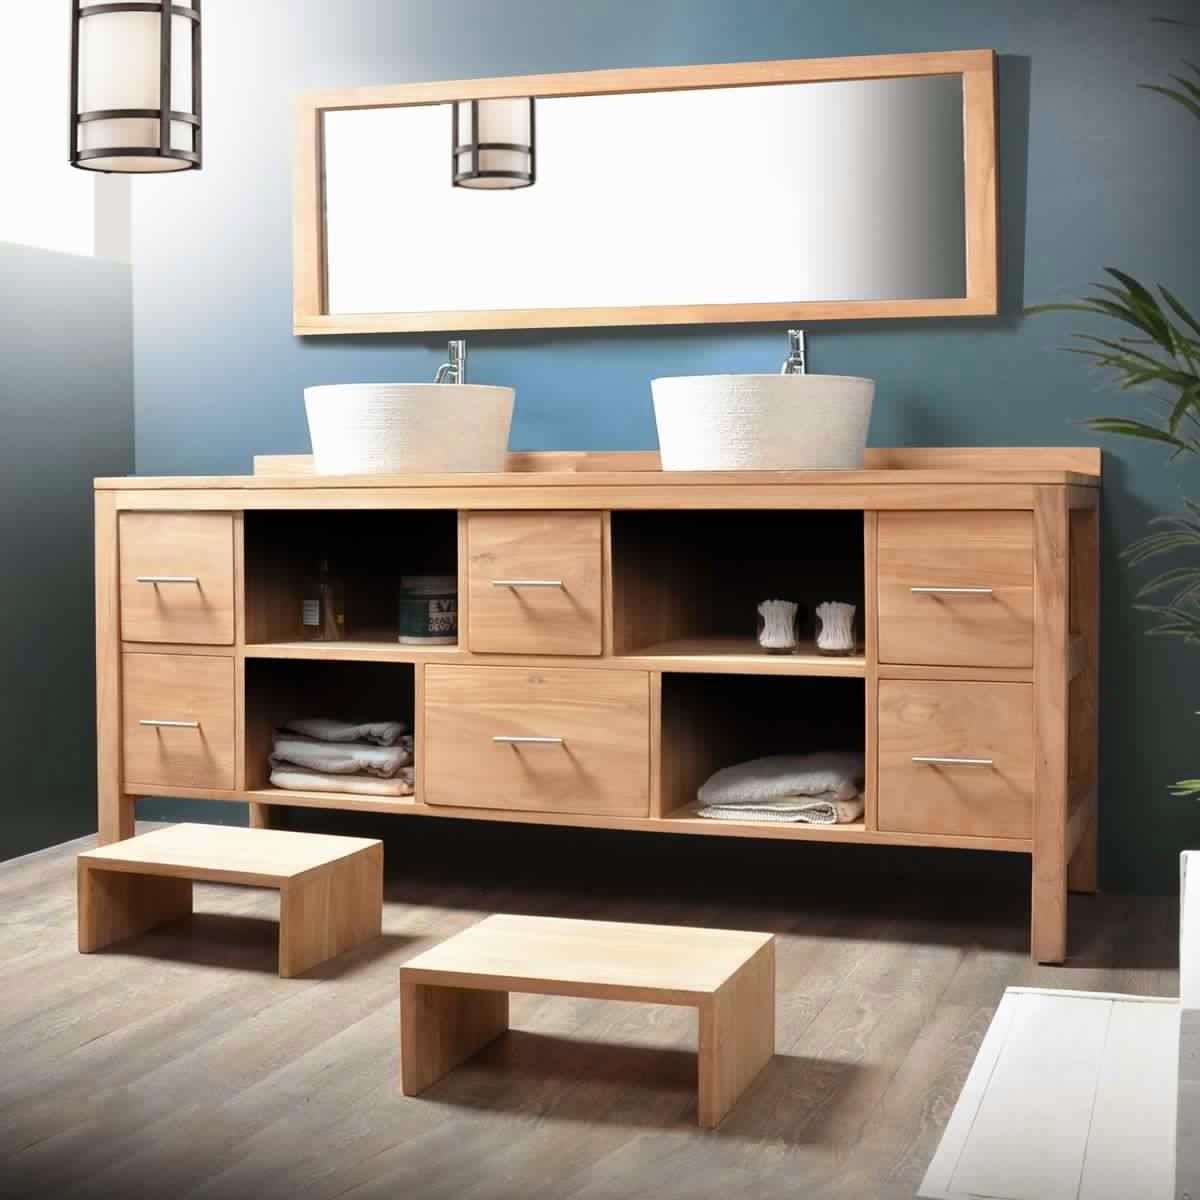 meuble salle de bain bois 2 vasques meuble d coration maison. Black Bedroom Furniture Sets. Home Design Ideas